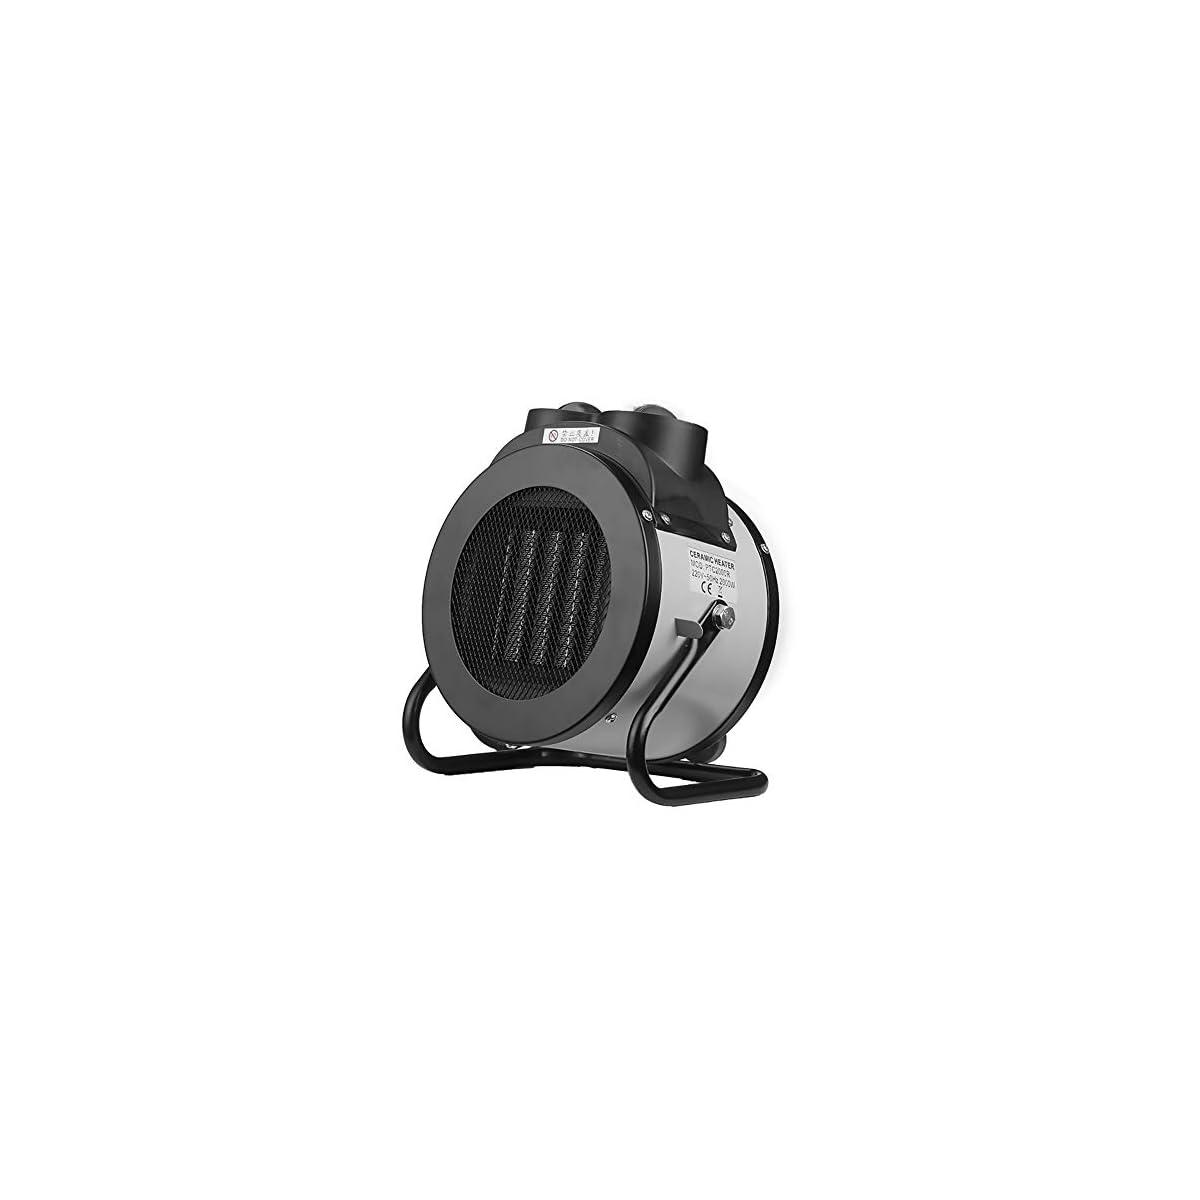 41ol P RdTL. SS1200  - Mfun-Fan Calentadores industriales calefactores asistidos Ventilador eléctrico PTC/calefacción de cerámica Calentador portátil Calentador de Gran Alcance Interior Calentador portátil,Silver